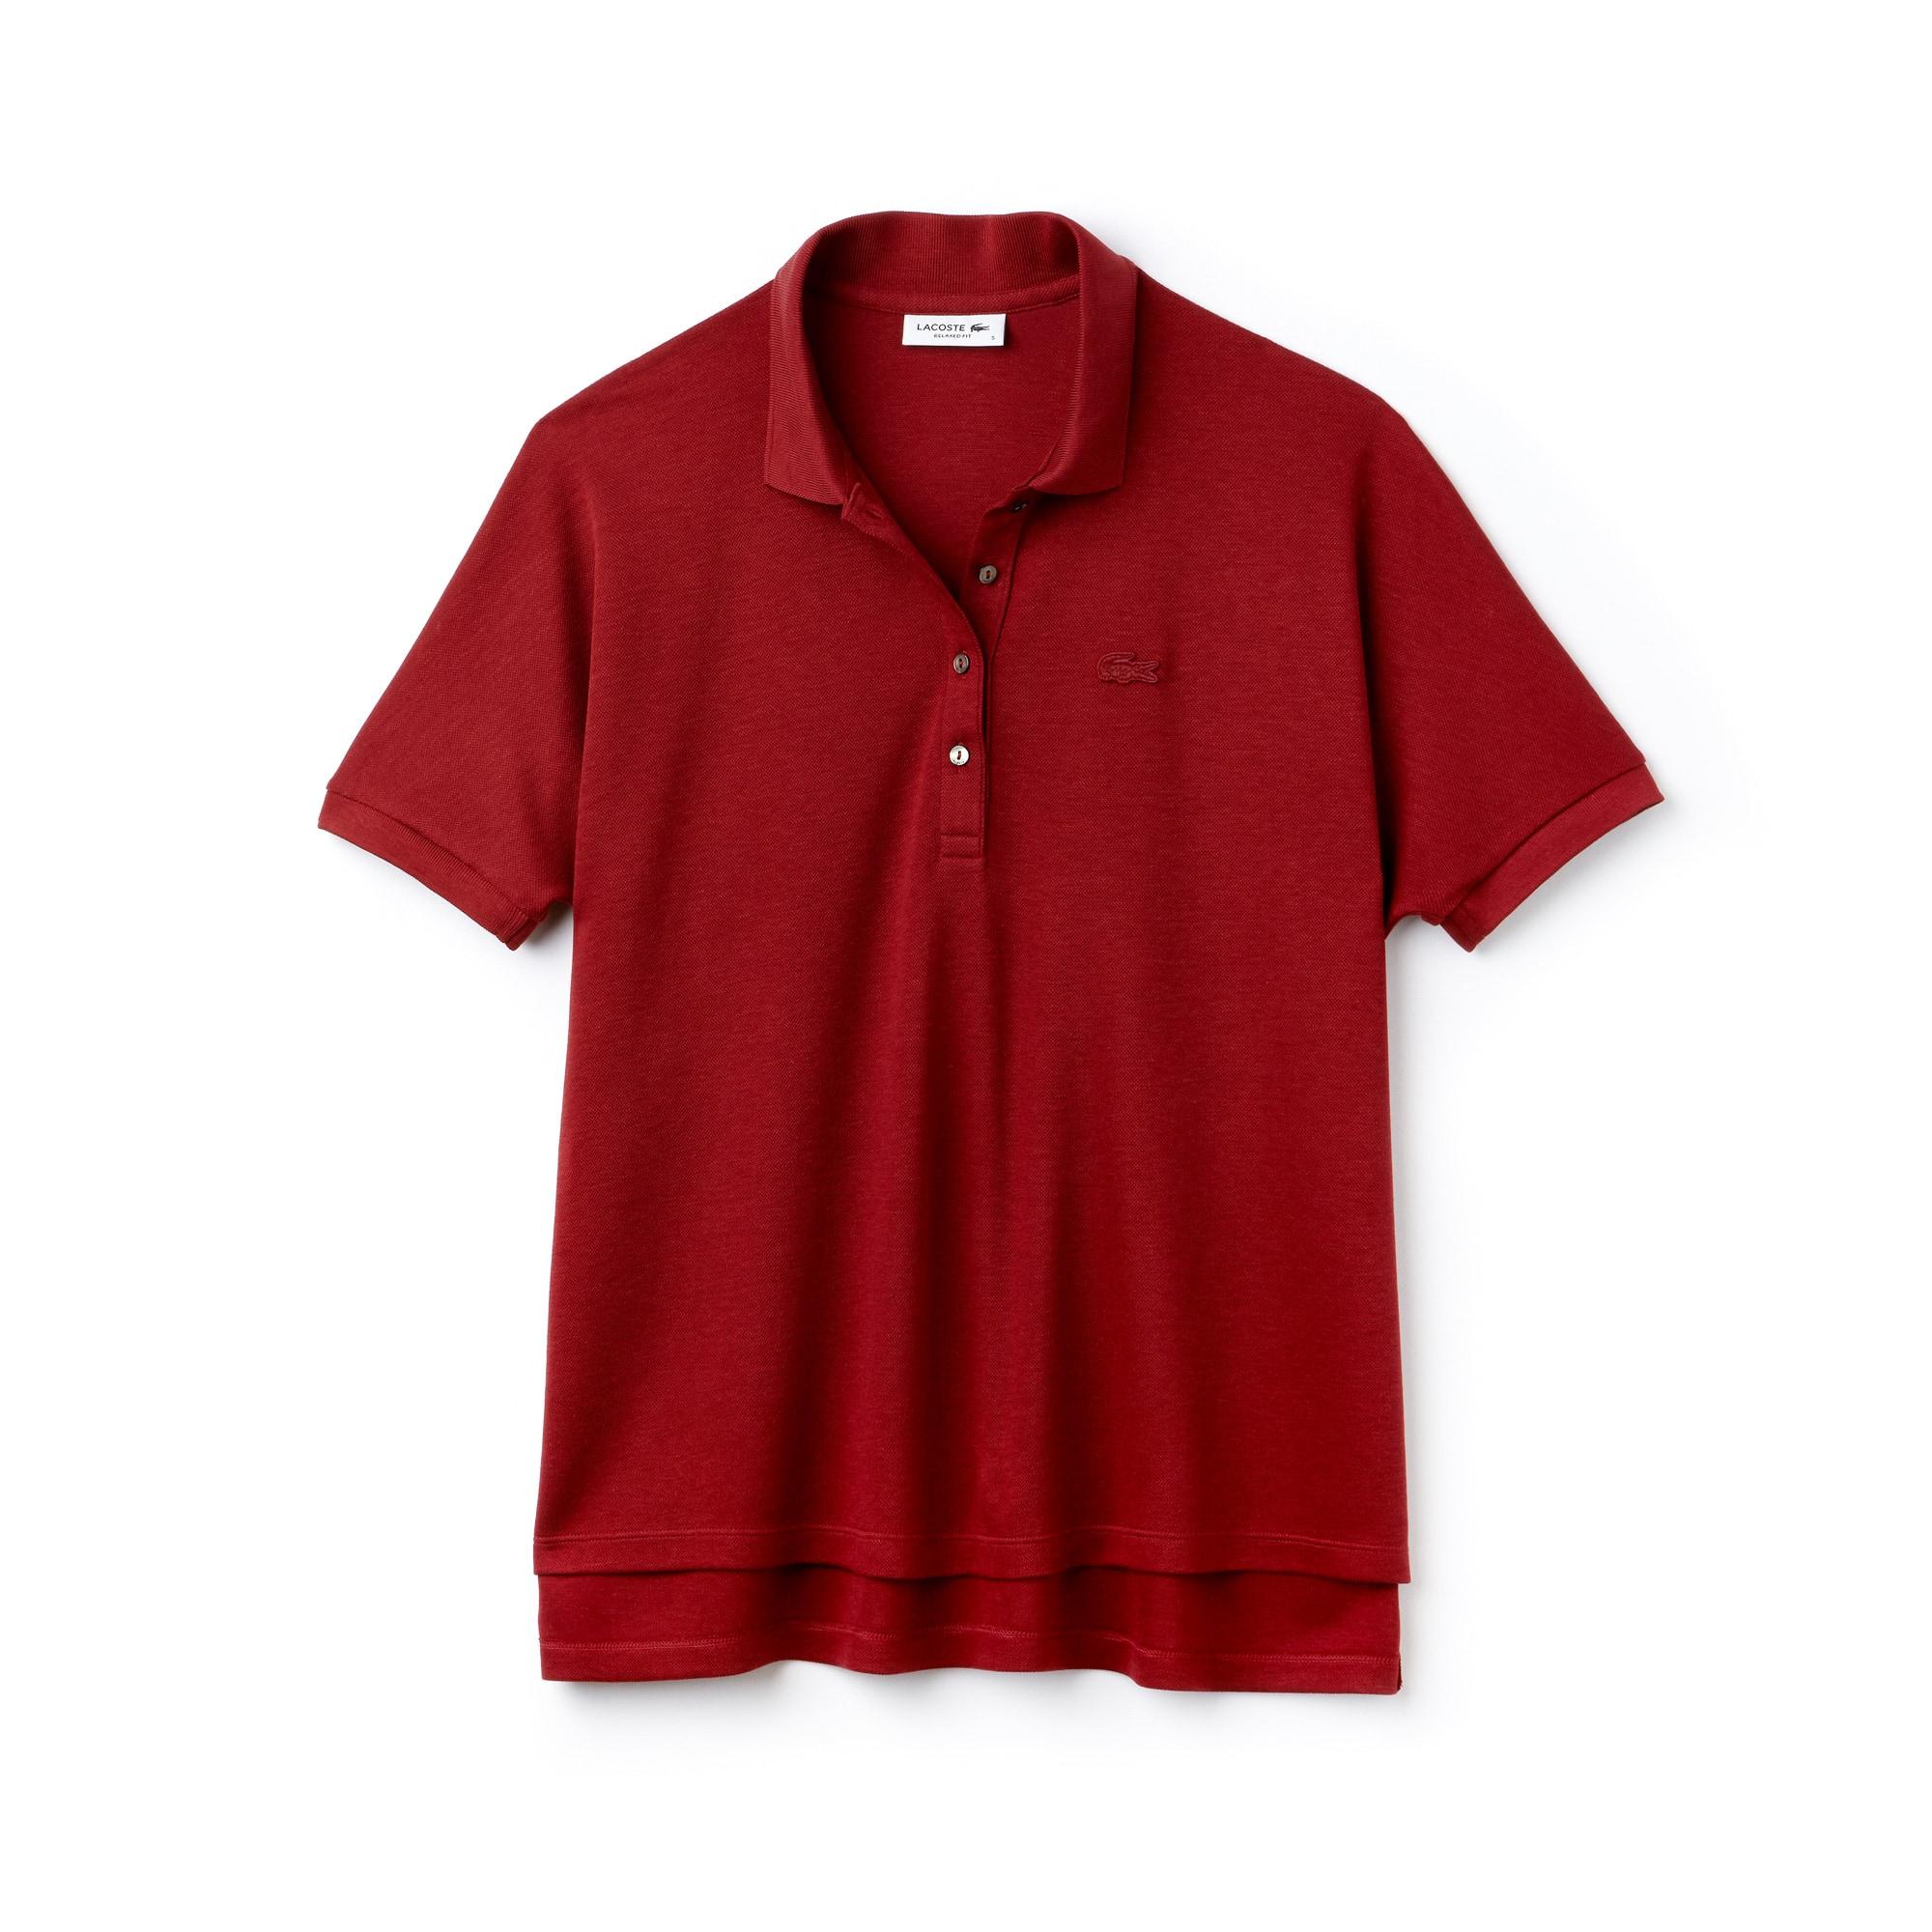 Soft Polo relax fit Lacoste en piqué fluide de coton stretch uni